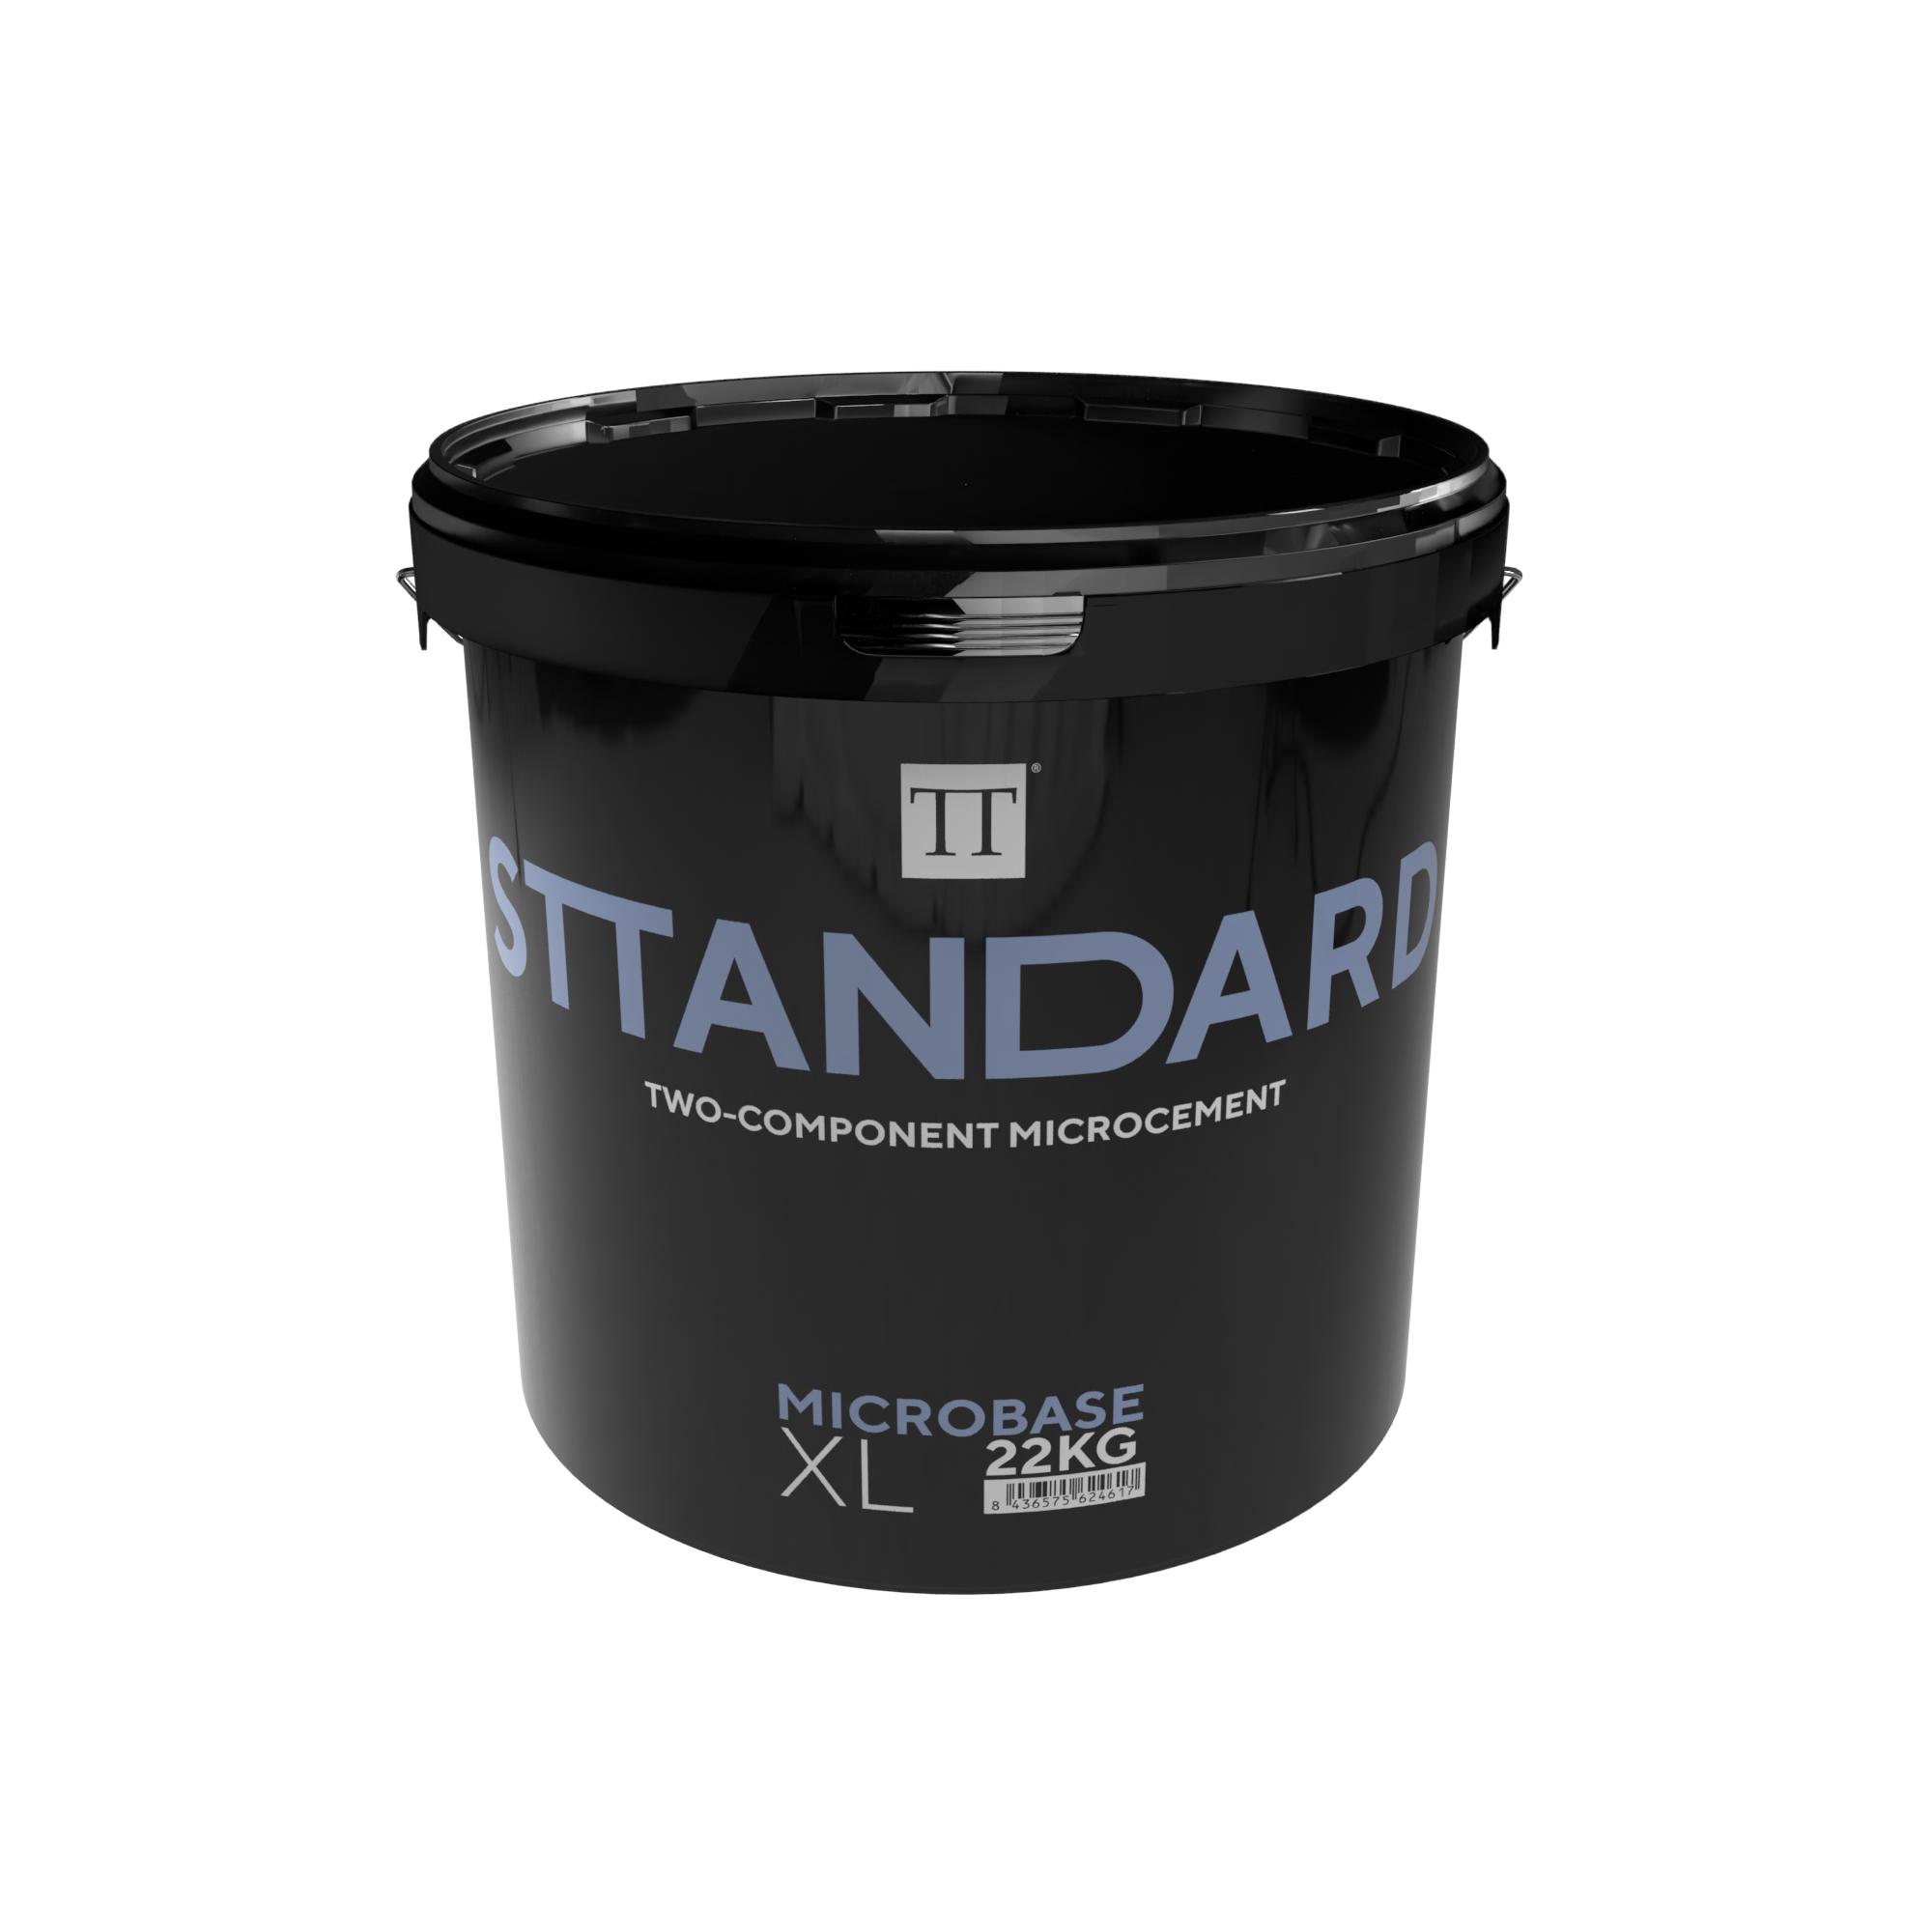 Sttandard Microbase XL